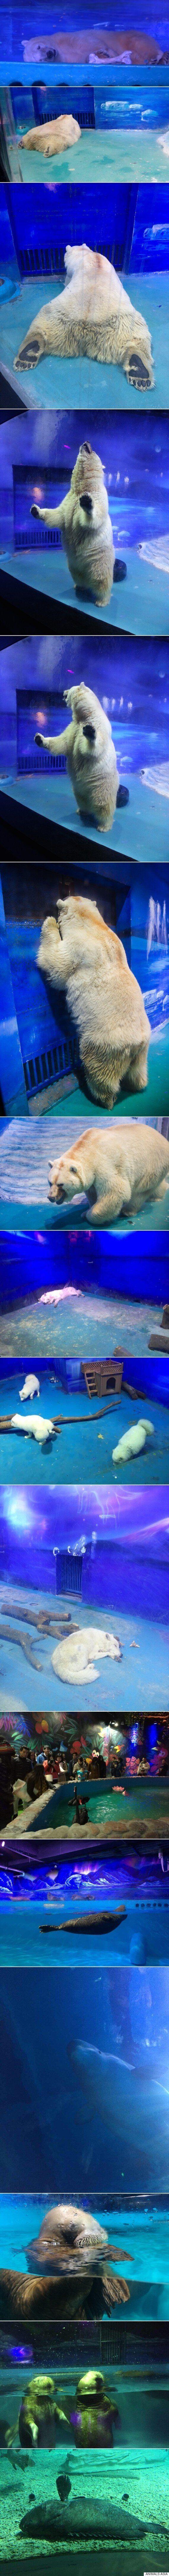 이 북극곰은 매일, 온종일 관람객들의 셀카에 찍히며 최악의 조건에서 사육된다(사진,